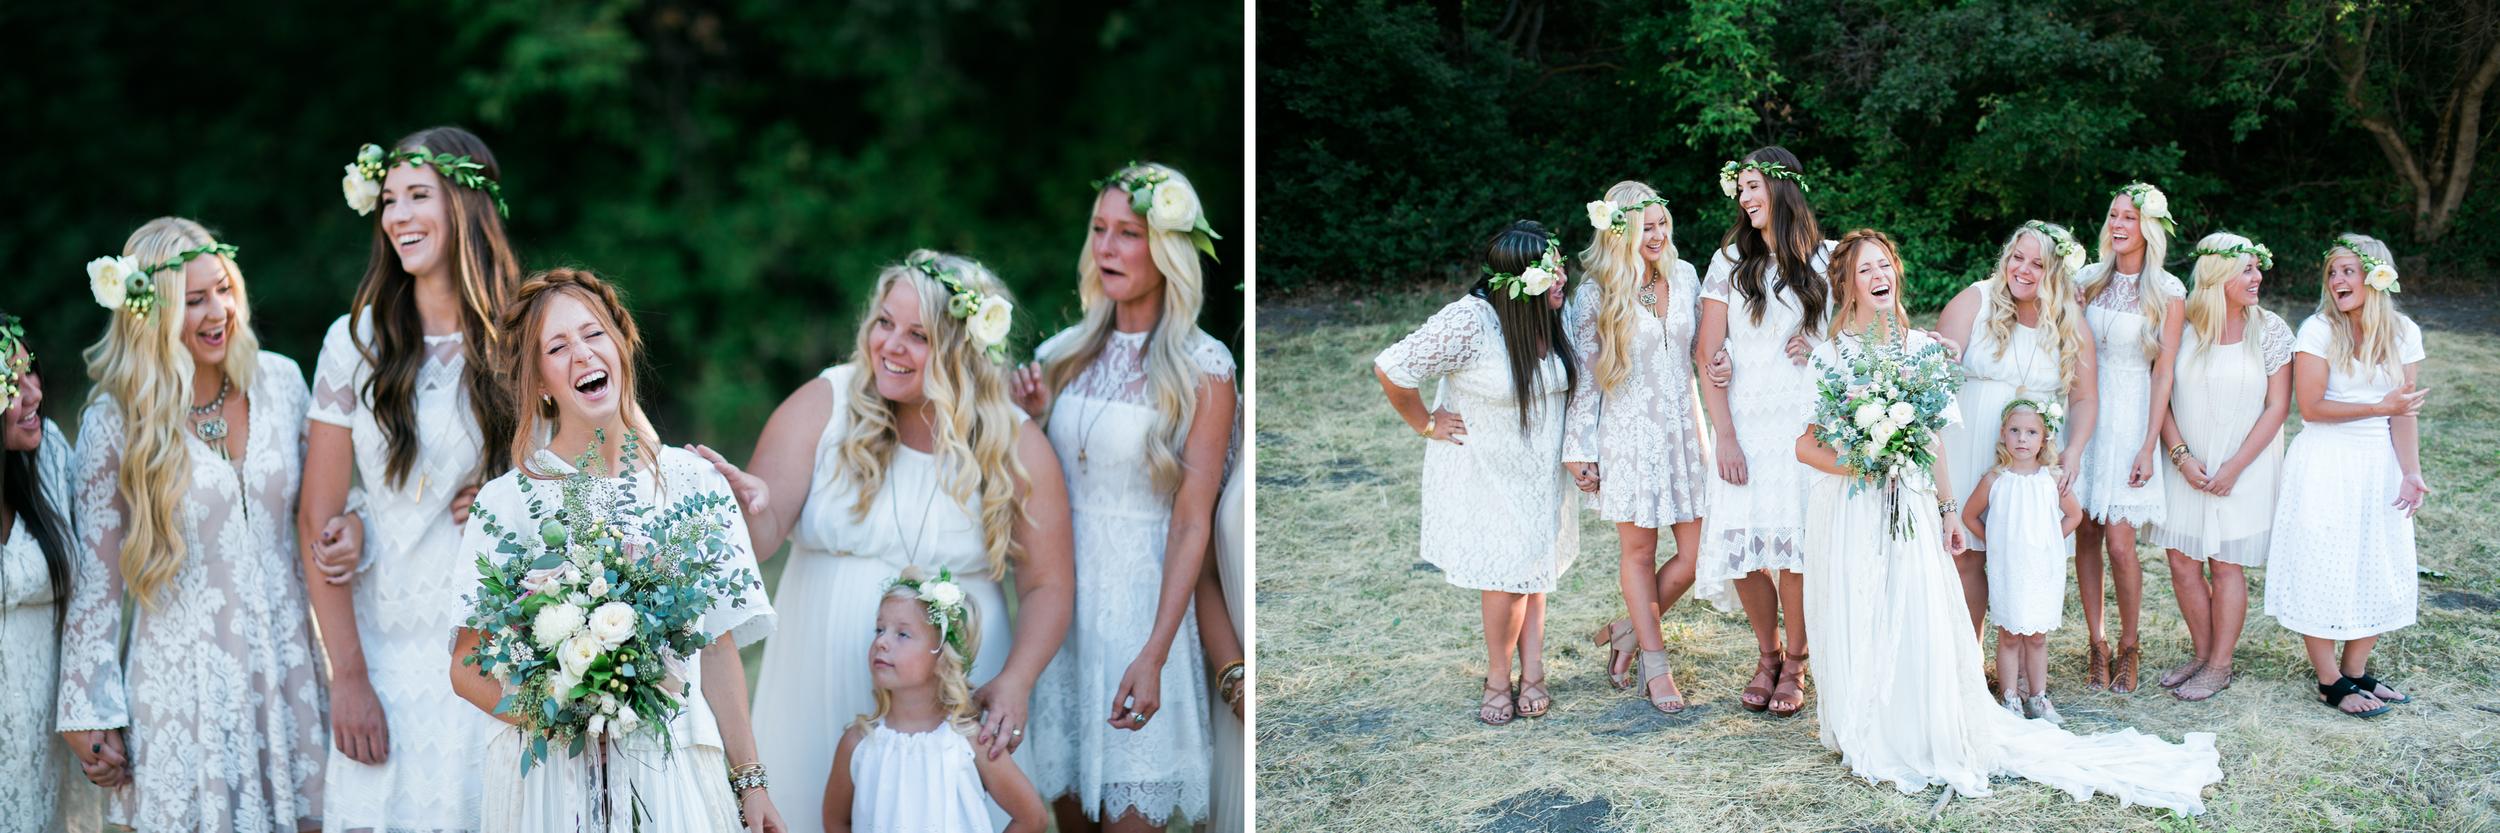 Salt-Lake-City-Utah-Wedding-020.jpg